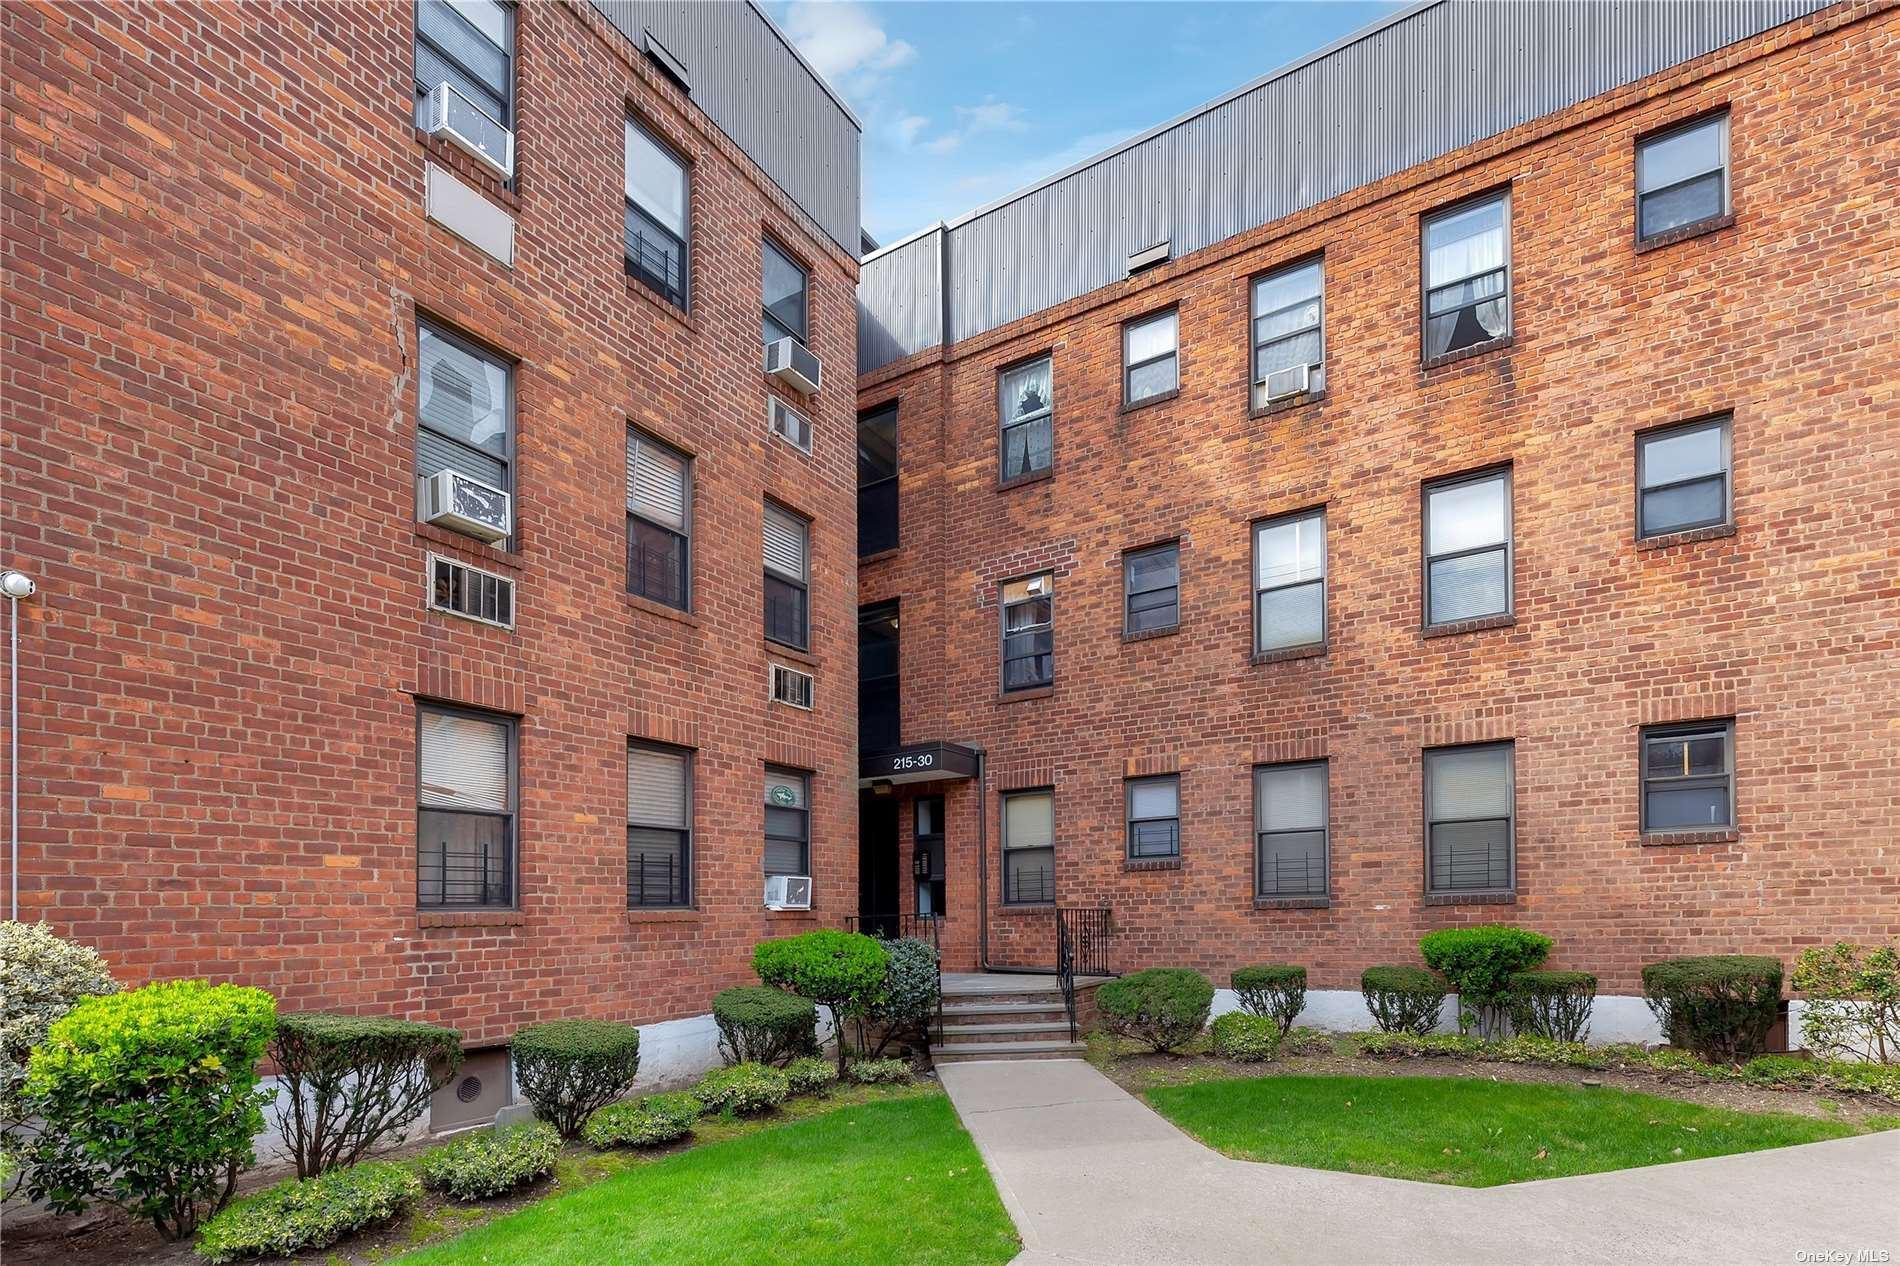 215-30 47th Avenue #2C, Bayside, NY 11361 - MLS#: 3301685